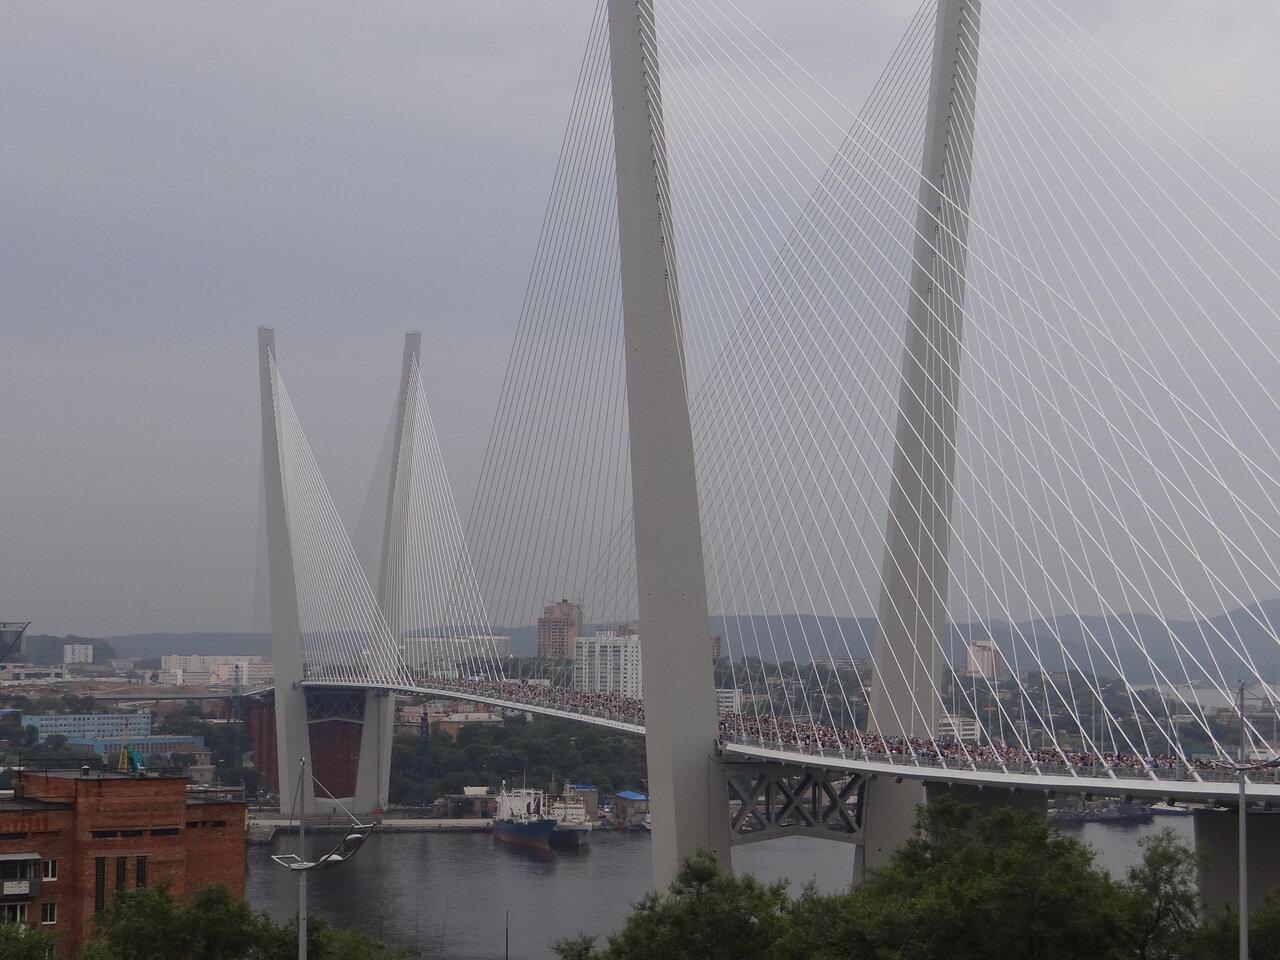 Владивосток. Открытие золотого моста.